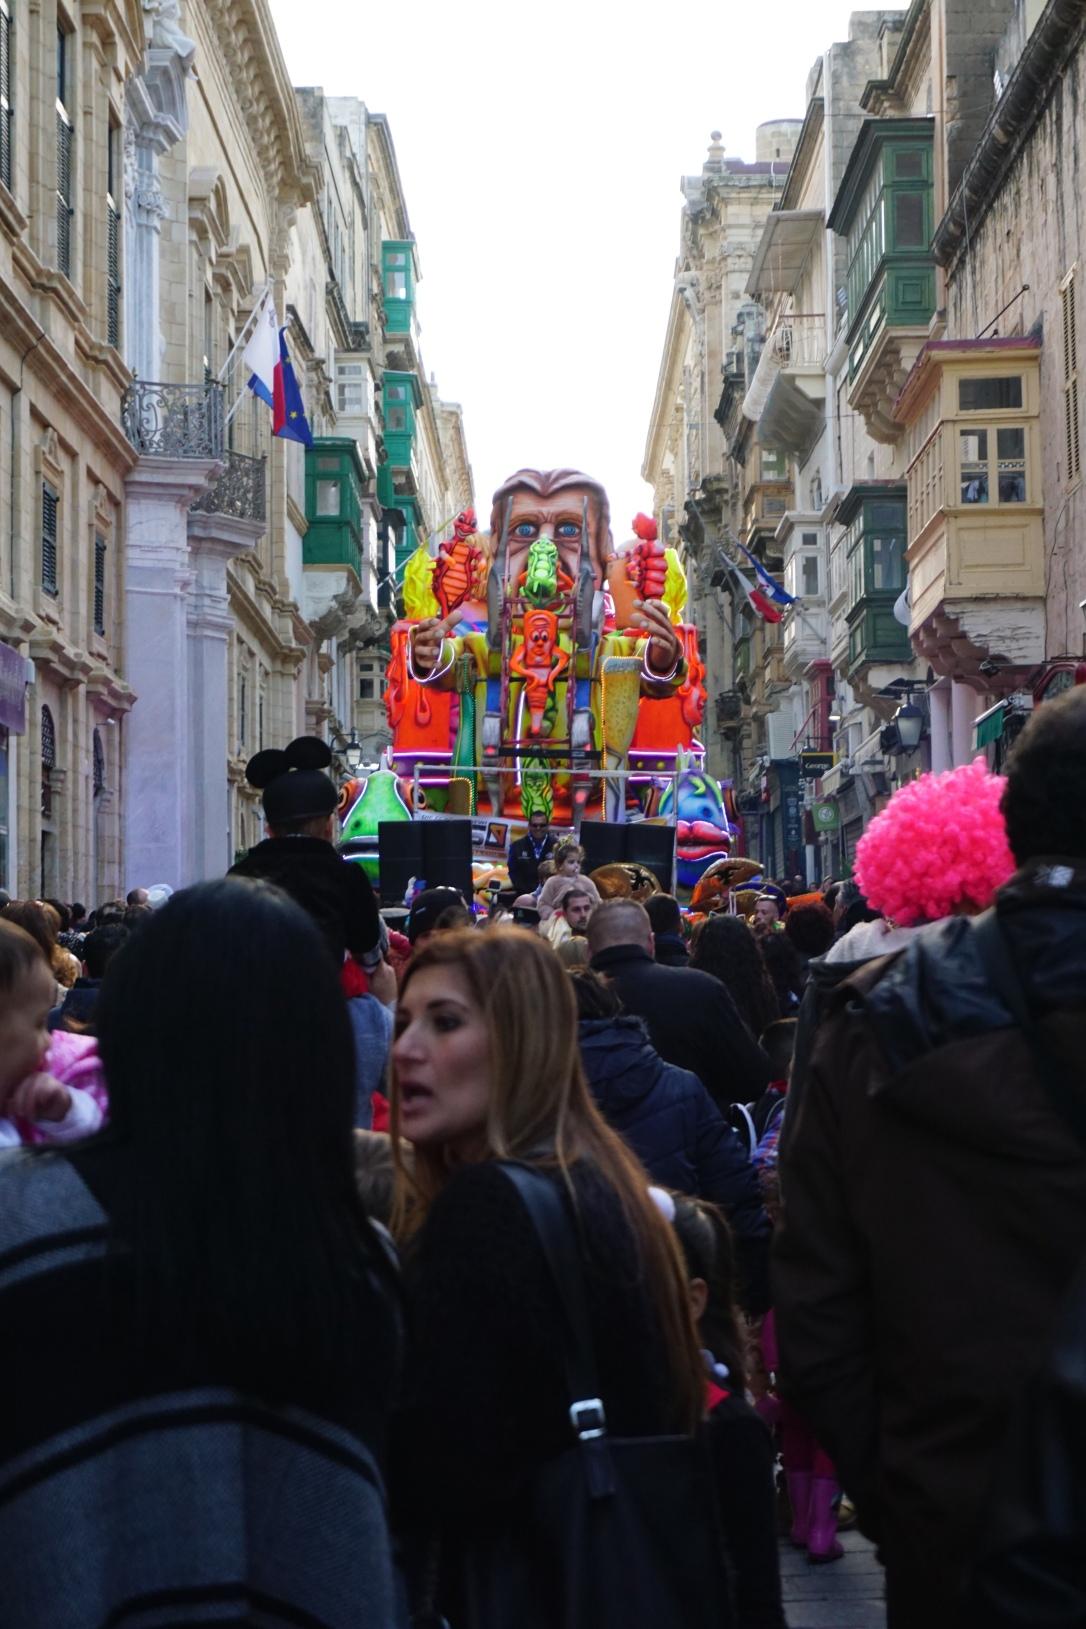 streets of Valletta Floats carnival in Malta